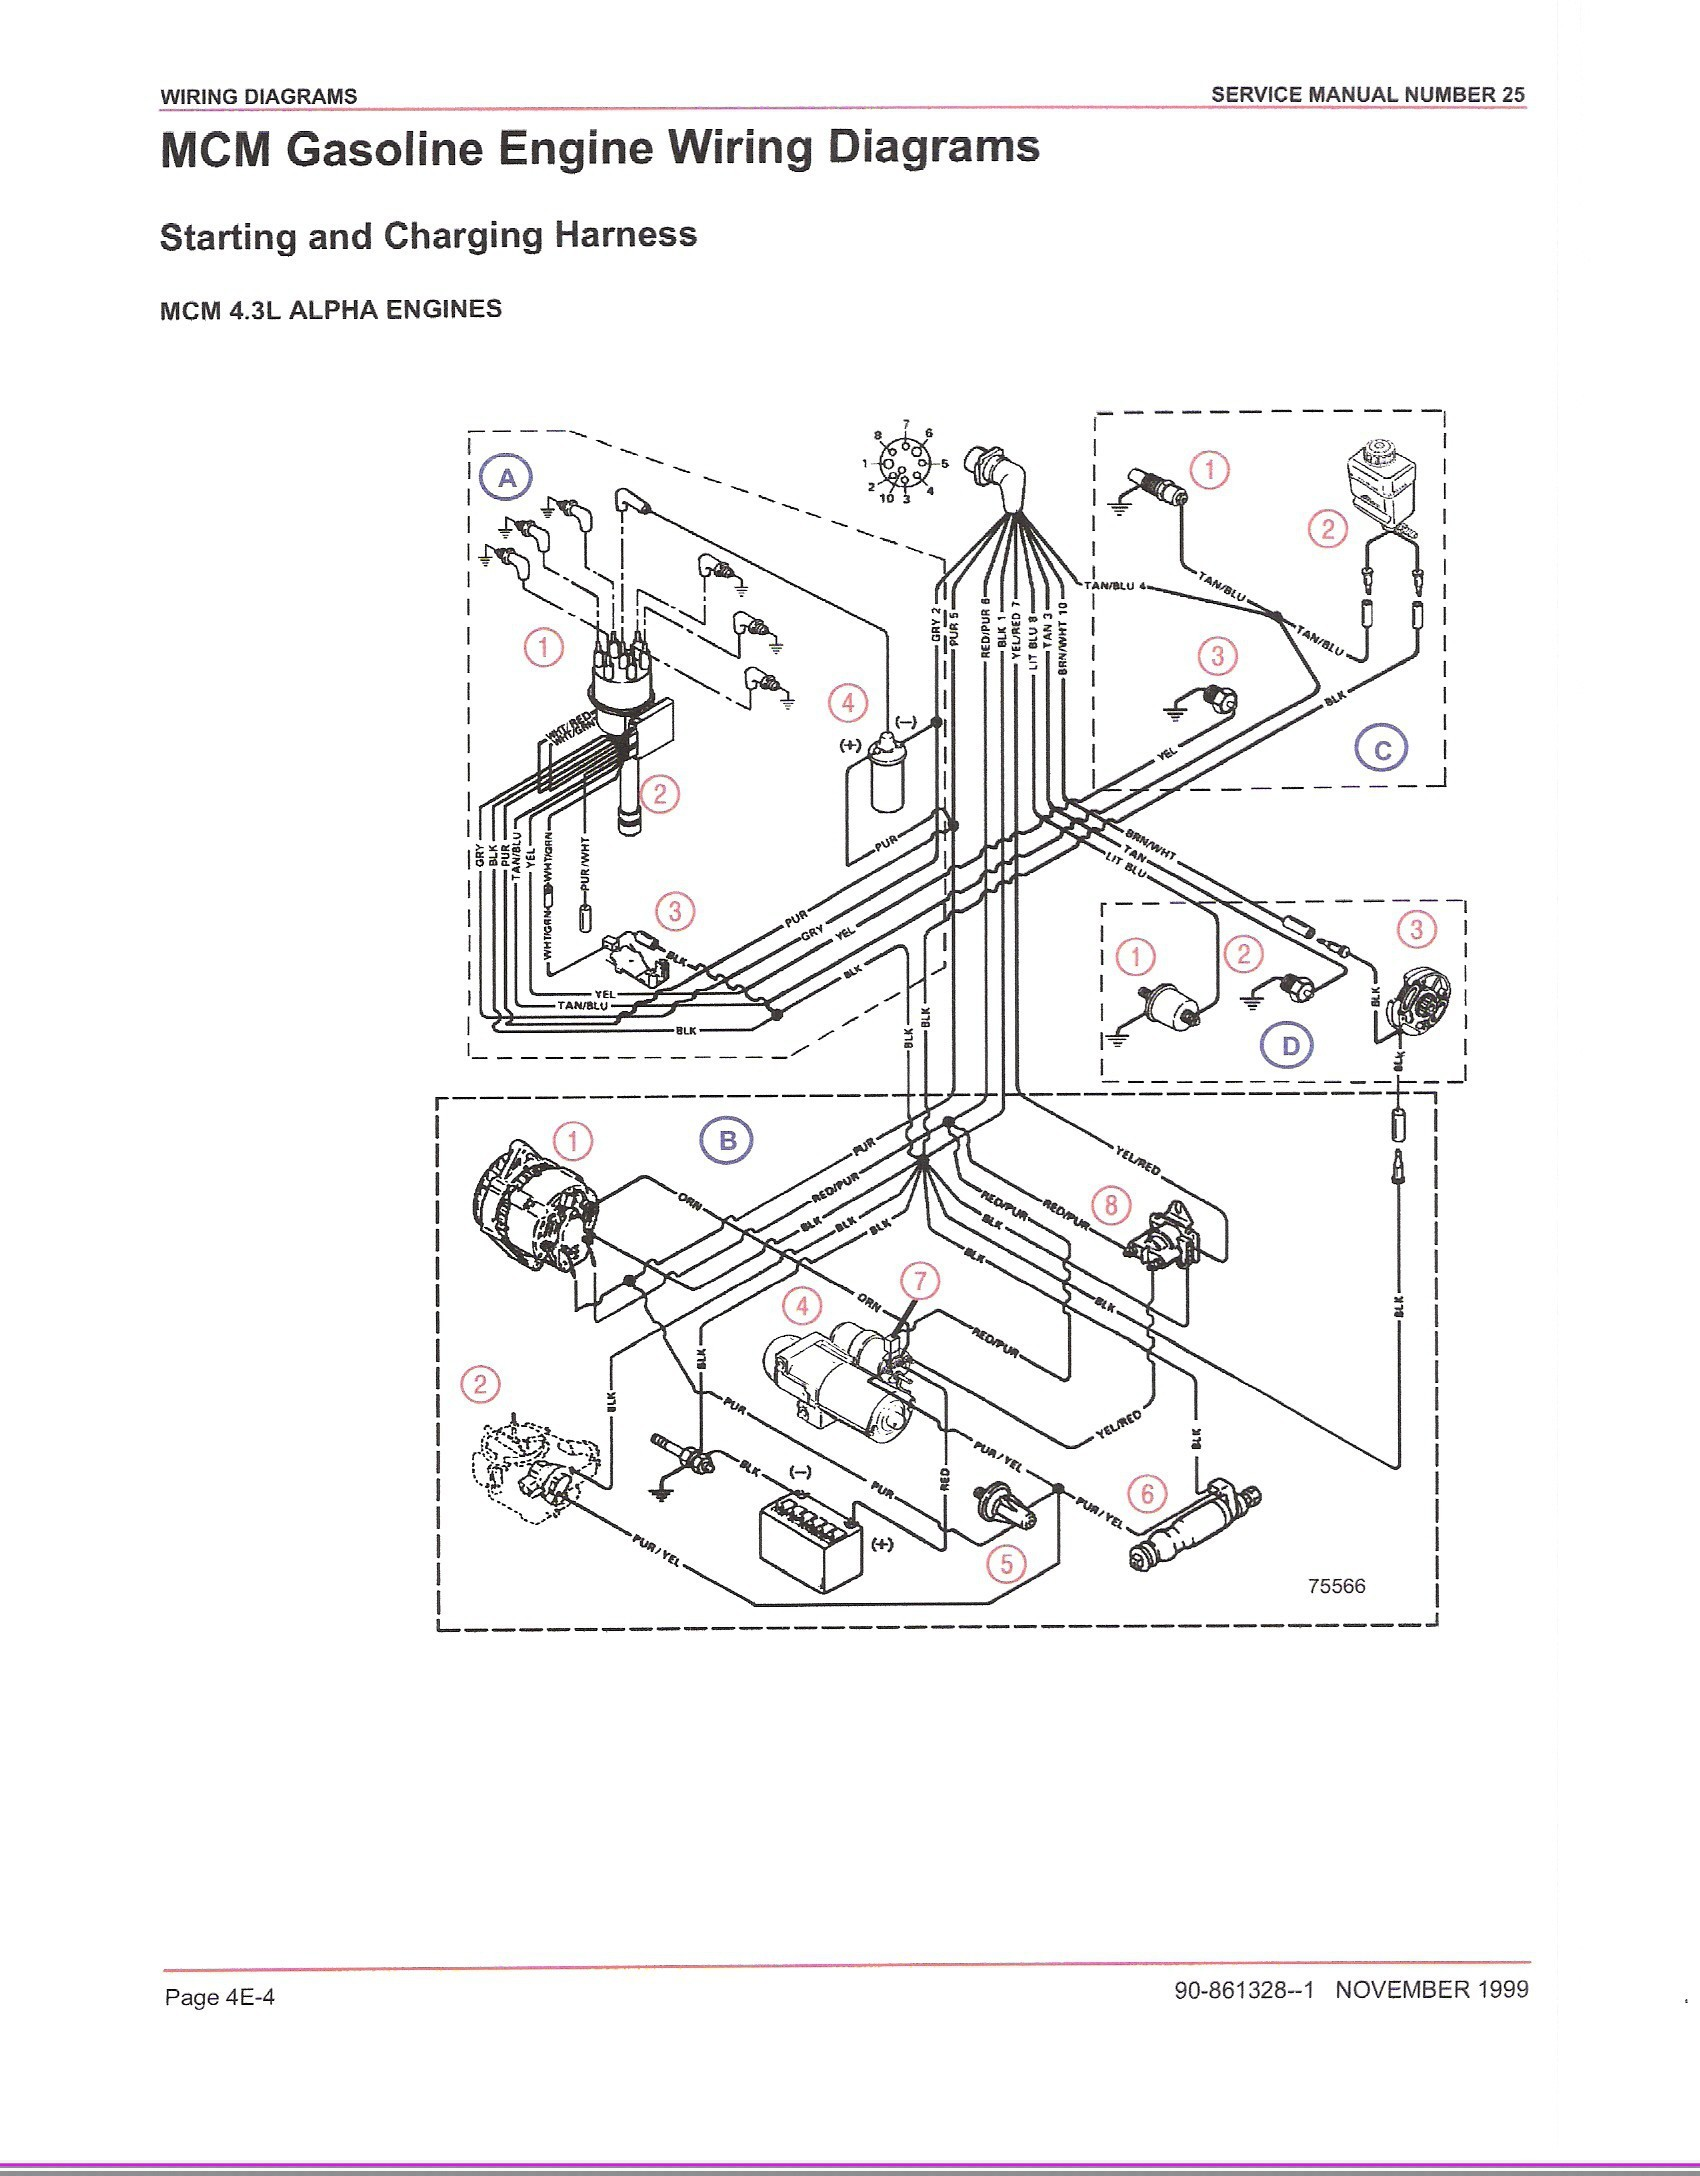 Mercruiser trim solenoid wiring diagram unique wiring diagram image rh mai reasurechest 1986 mercruiser 260 wiring